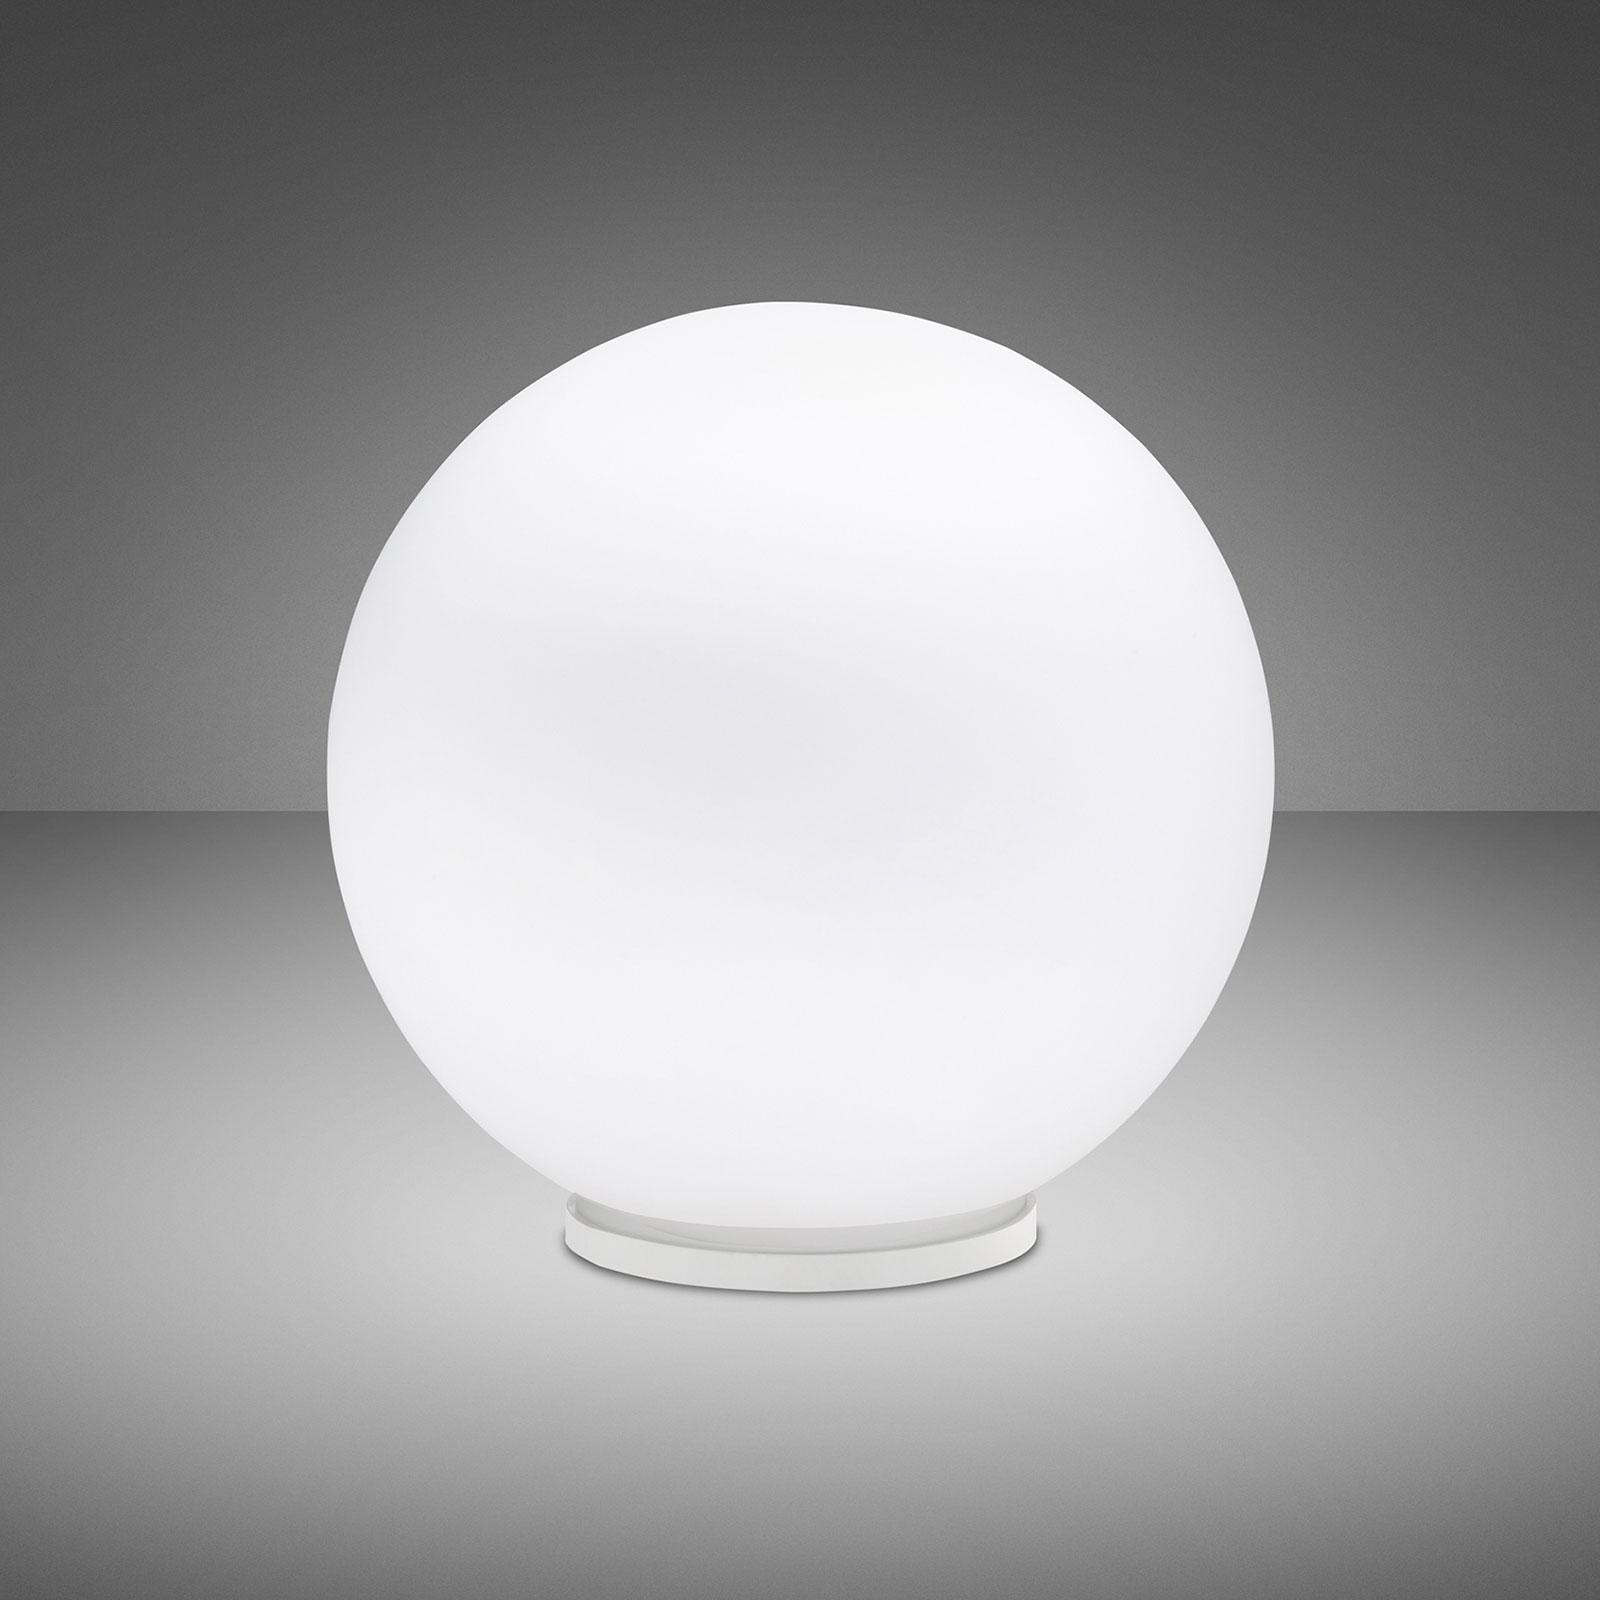 Fabbian Lumi Sfera tafellamp, liggend, Ø 35 cm